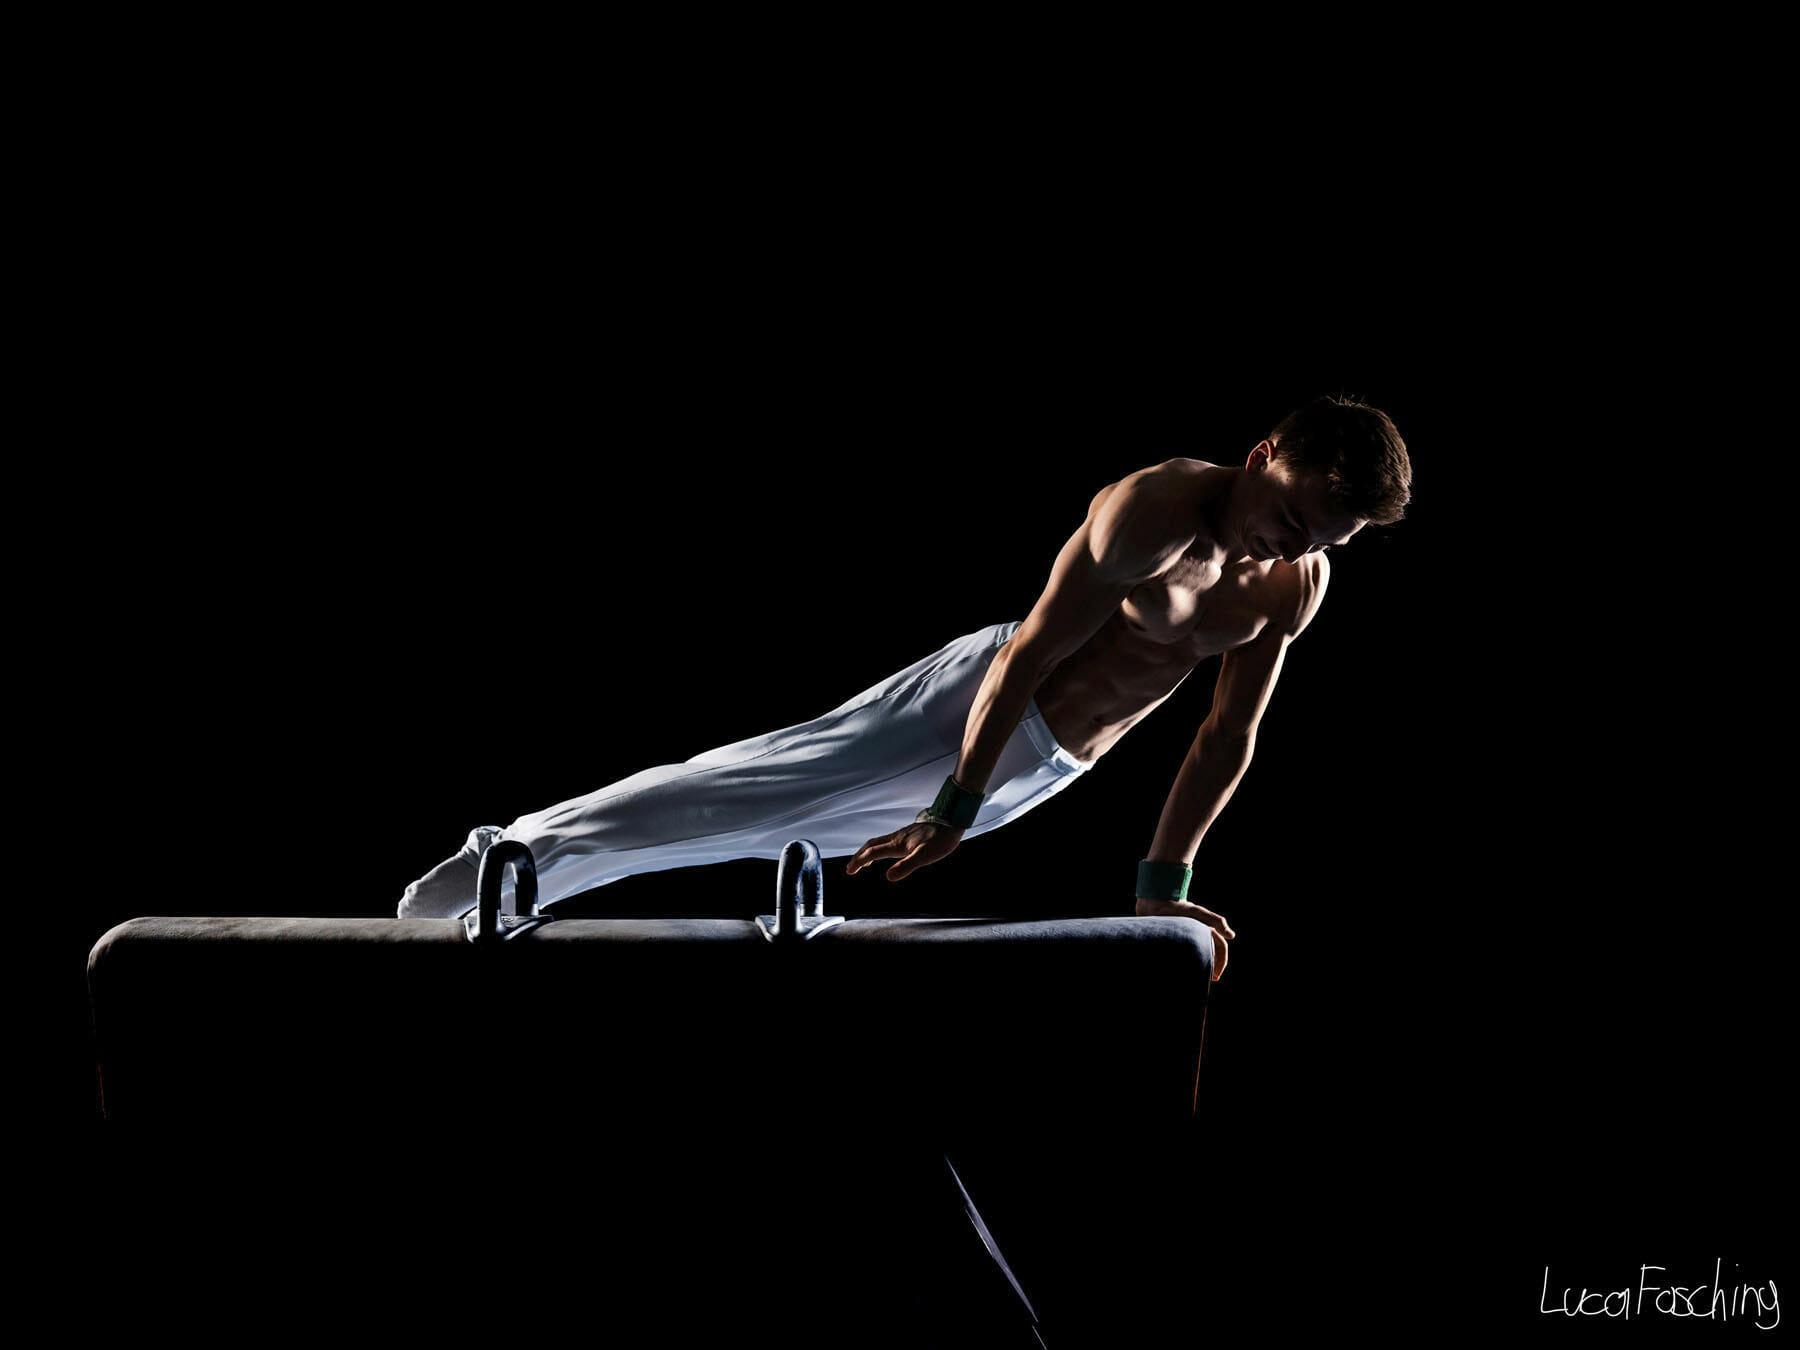 Luca Fasching fotografierte dieses Bilder des Leichtathleten